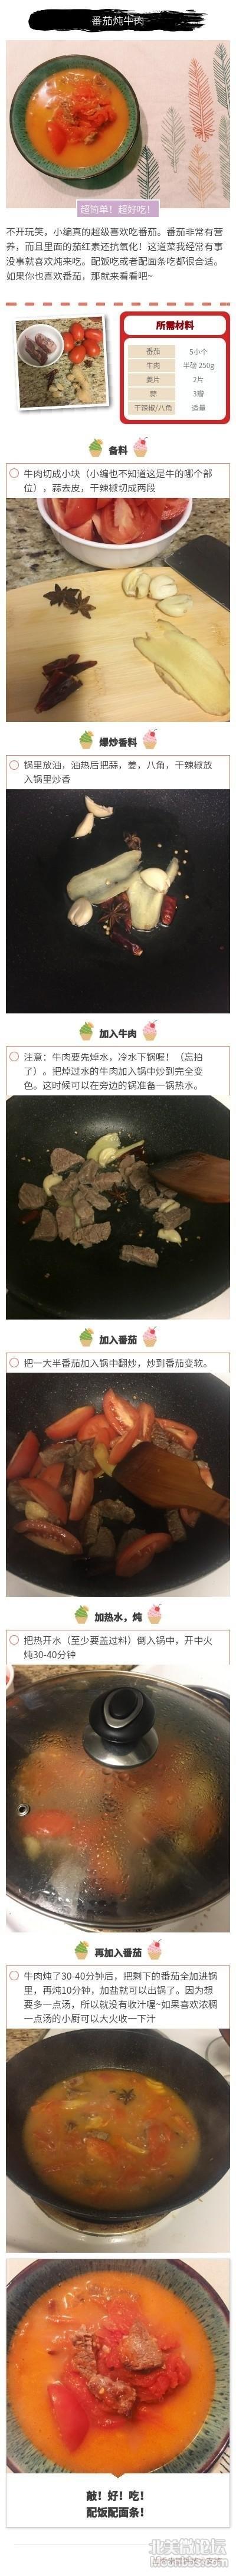 番茄牛肉 没微信.jpg